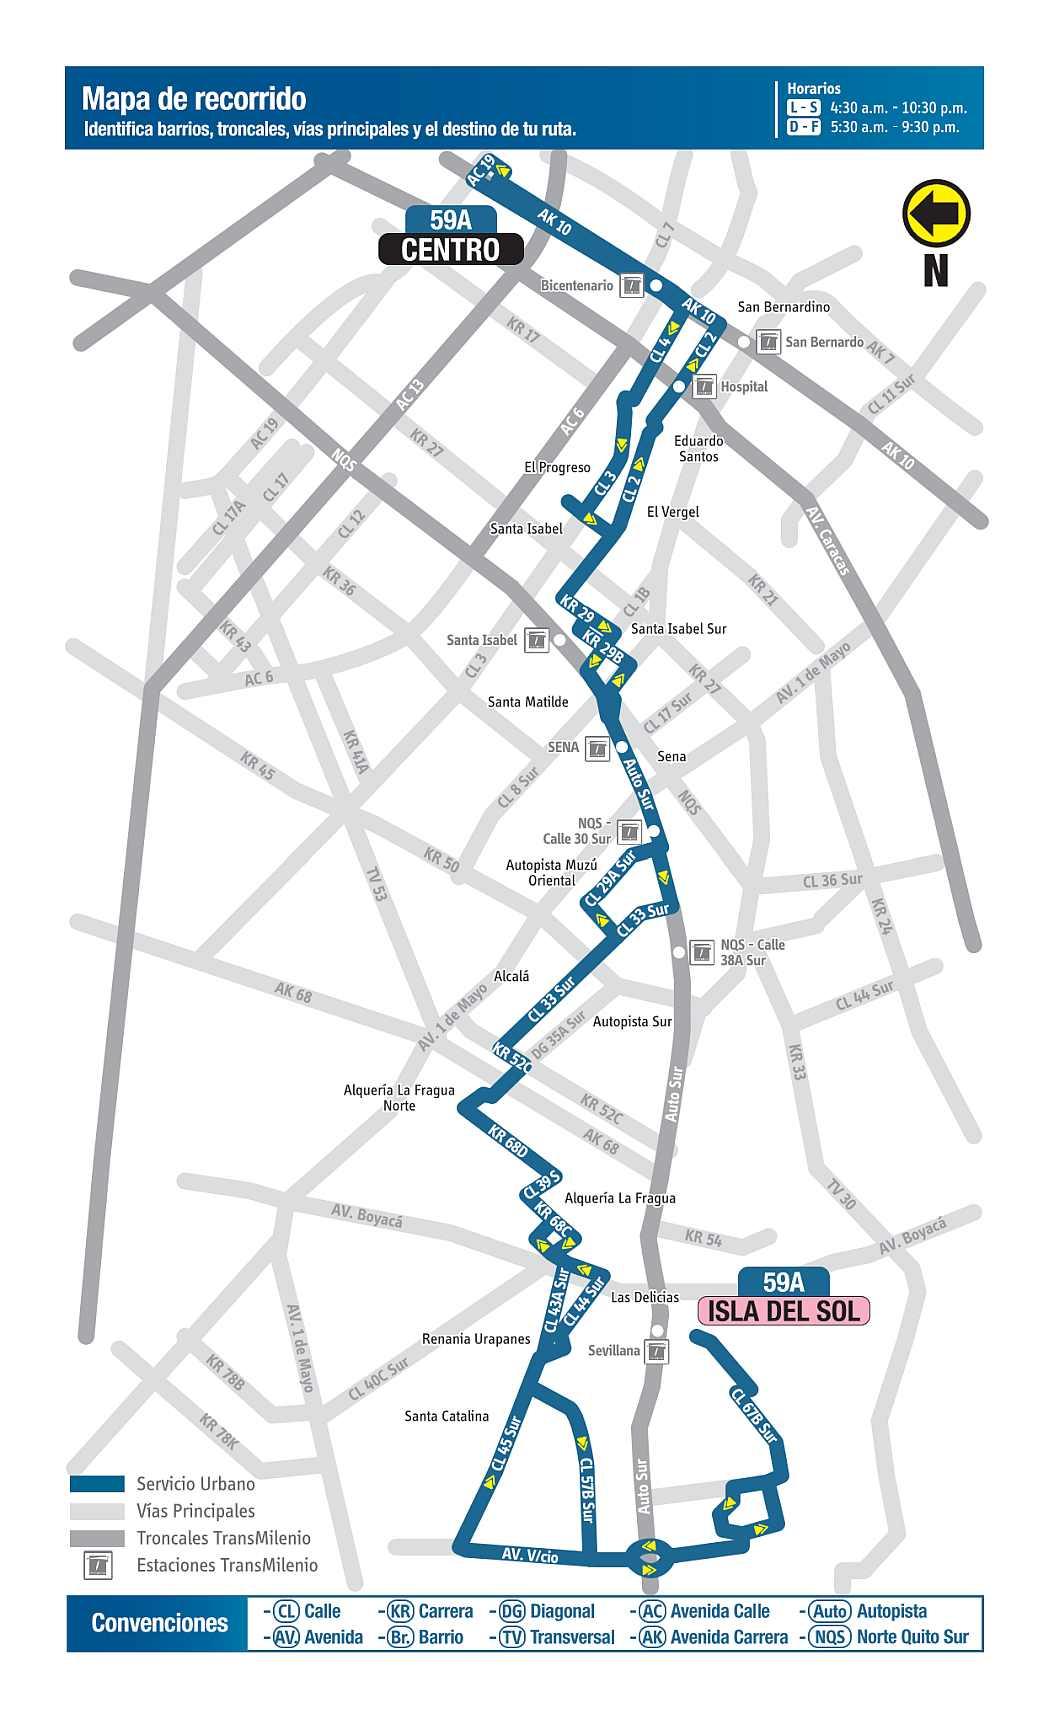 Mapa bus urbano: 59A Isla del Sol - Centro